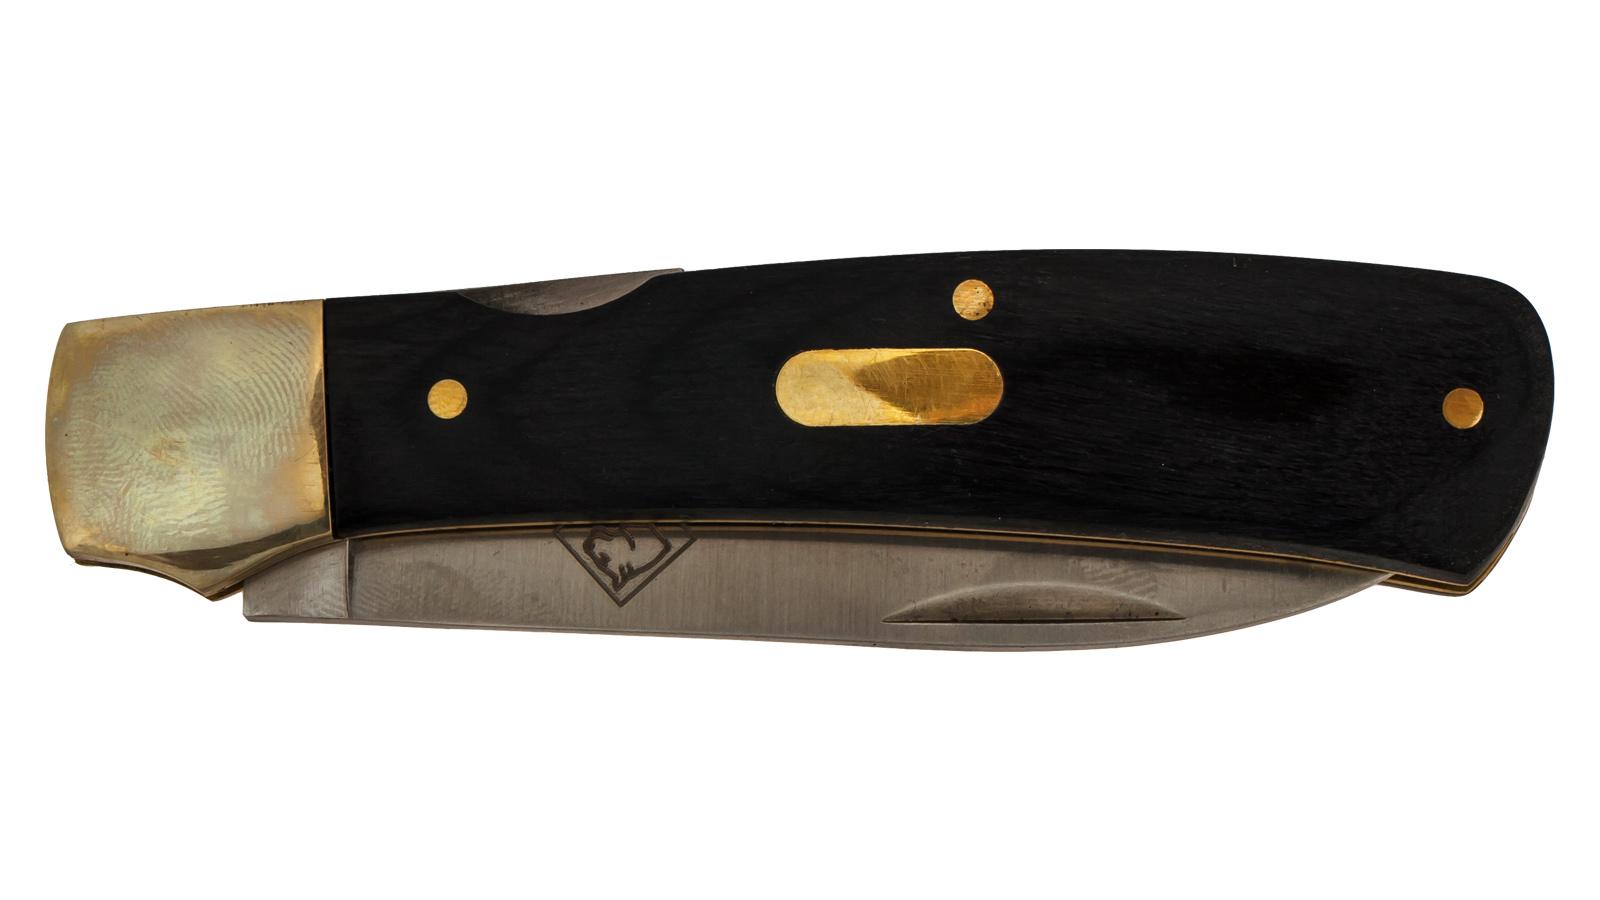 Складной нож Puma Tec 300010 Taschenmesser (Германия) - купить по экономичной цене